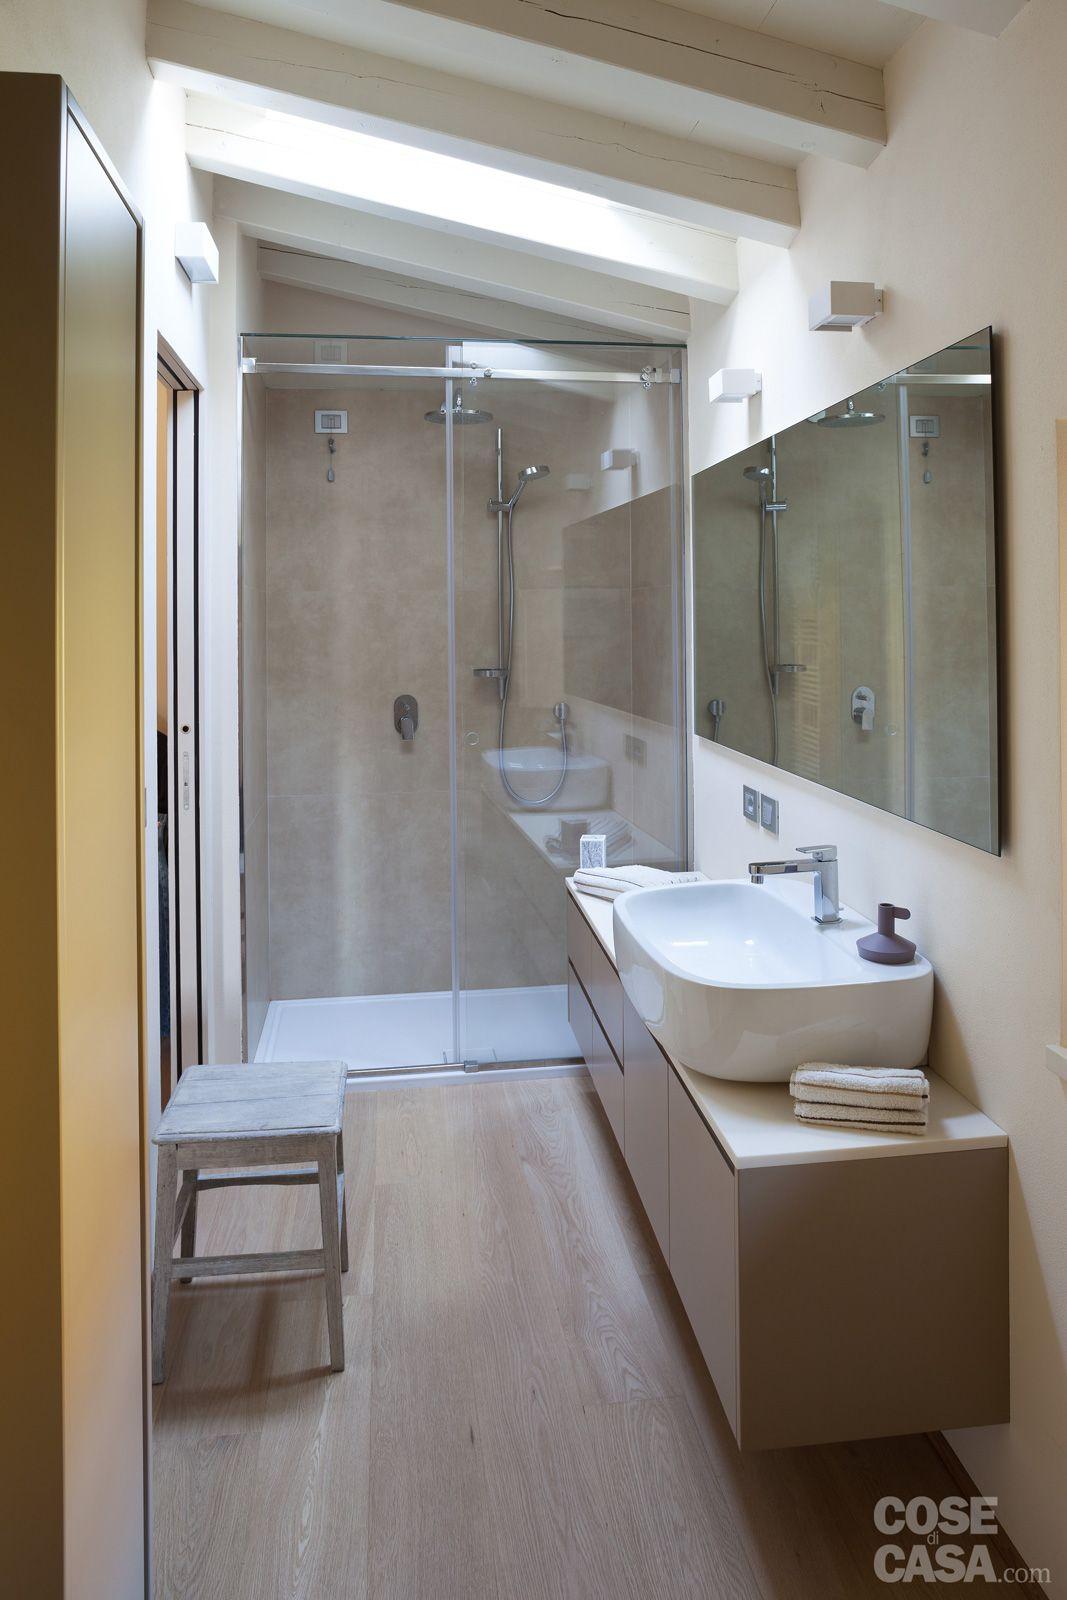 Una Casa Con Ambienti Moderni A Sfondo Rustico Design Per Bagno